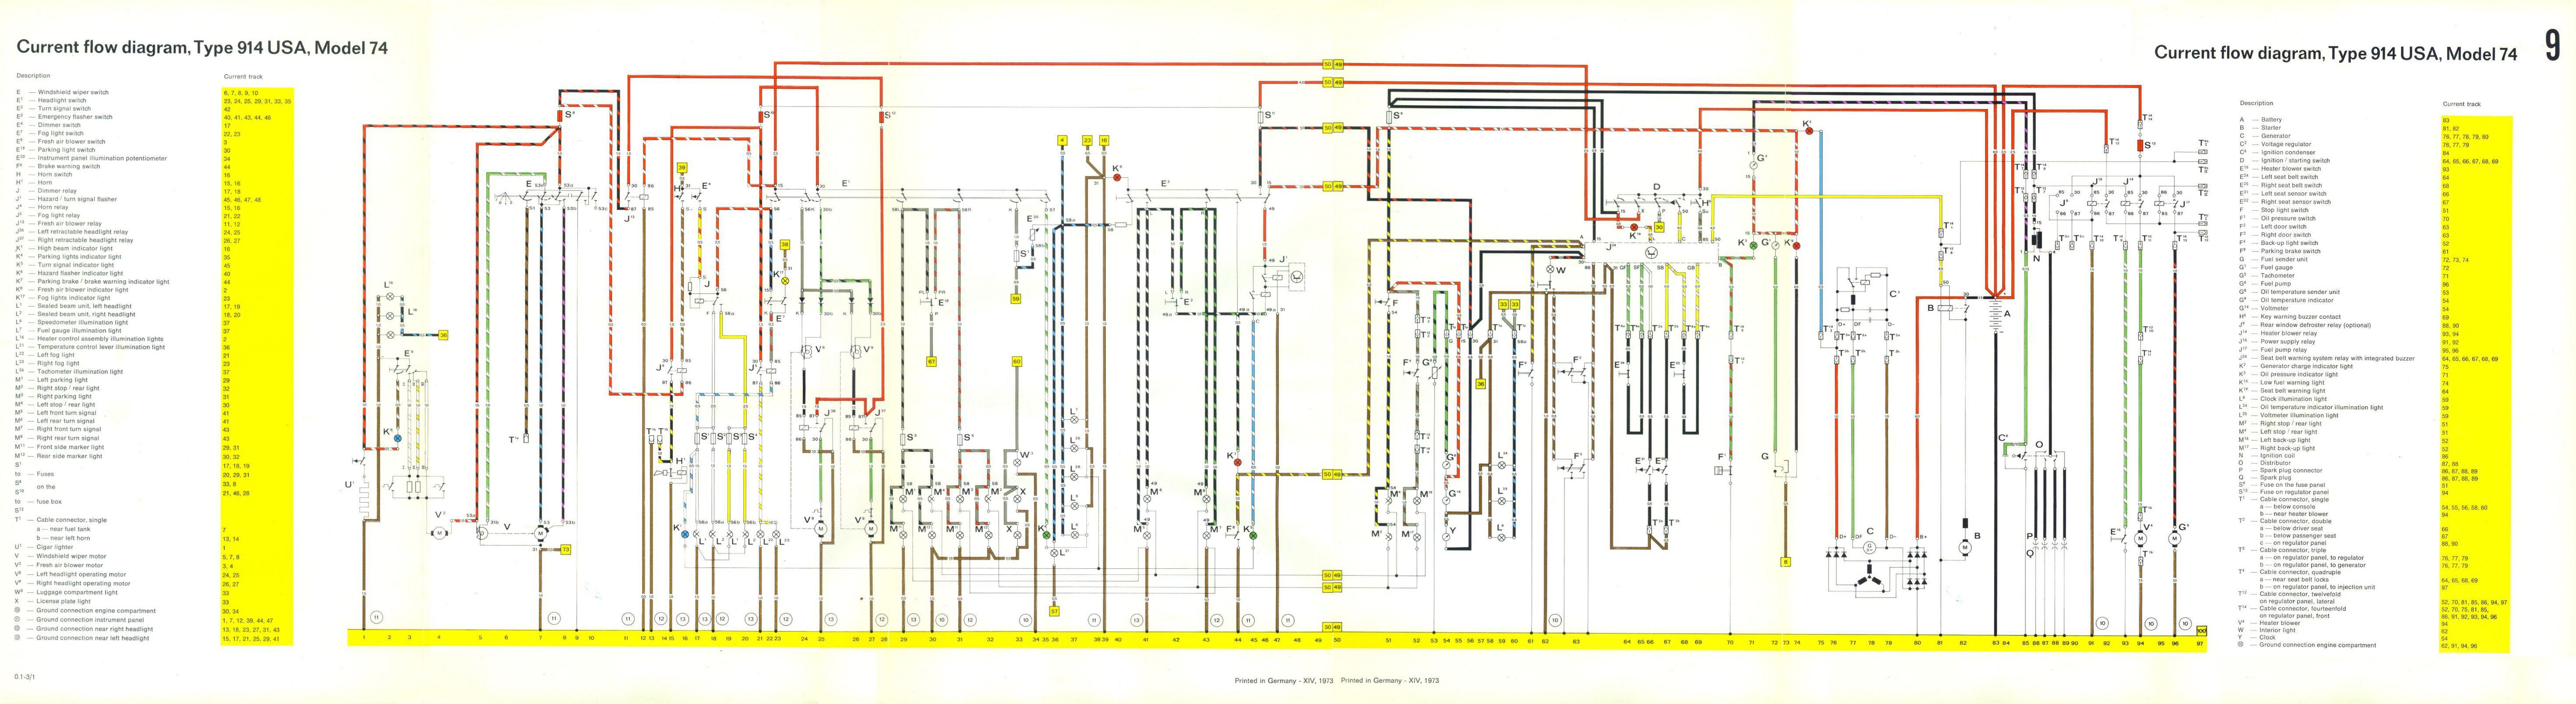 1972 porsche 914 wiring diagram 1996 toyota corolla belt engine library